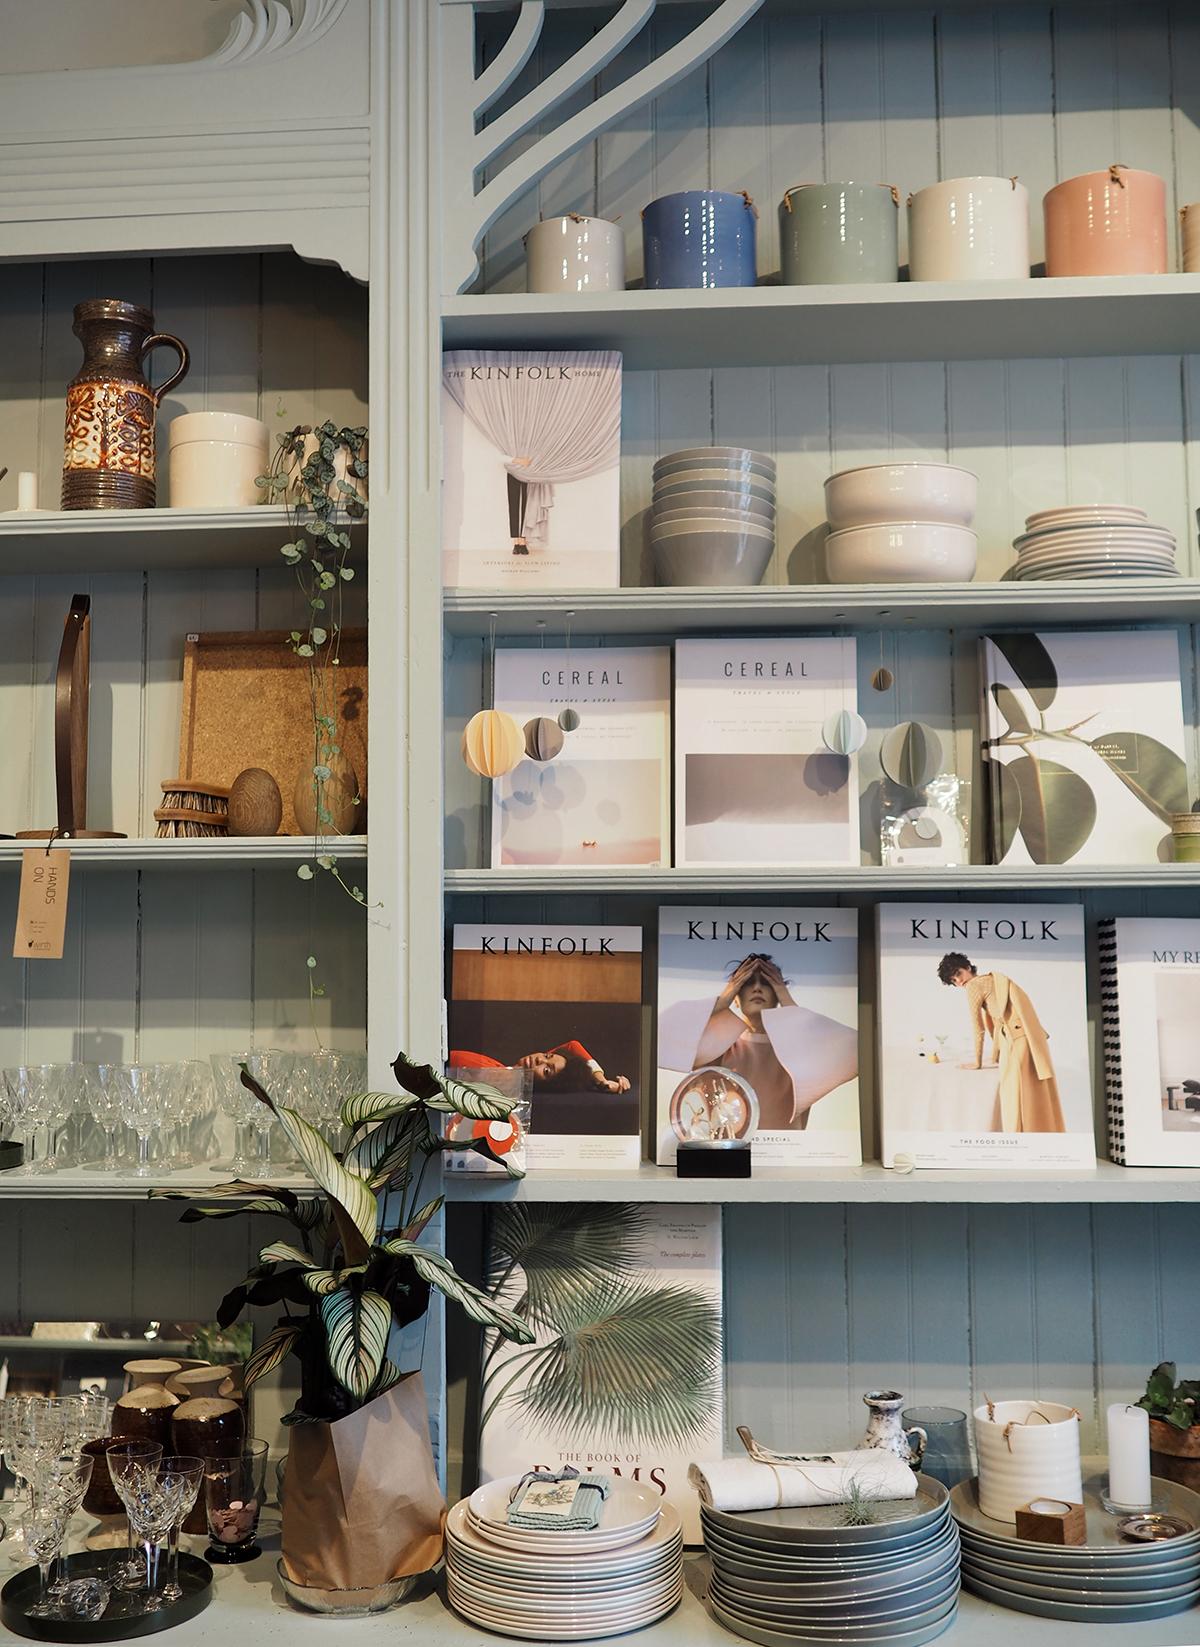 Bak shop Copenhagen